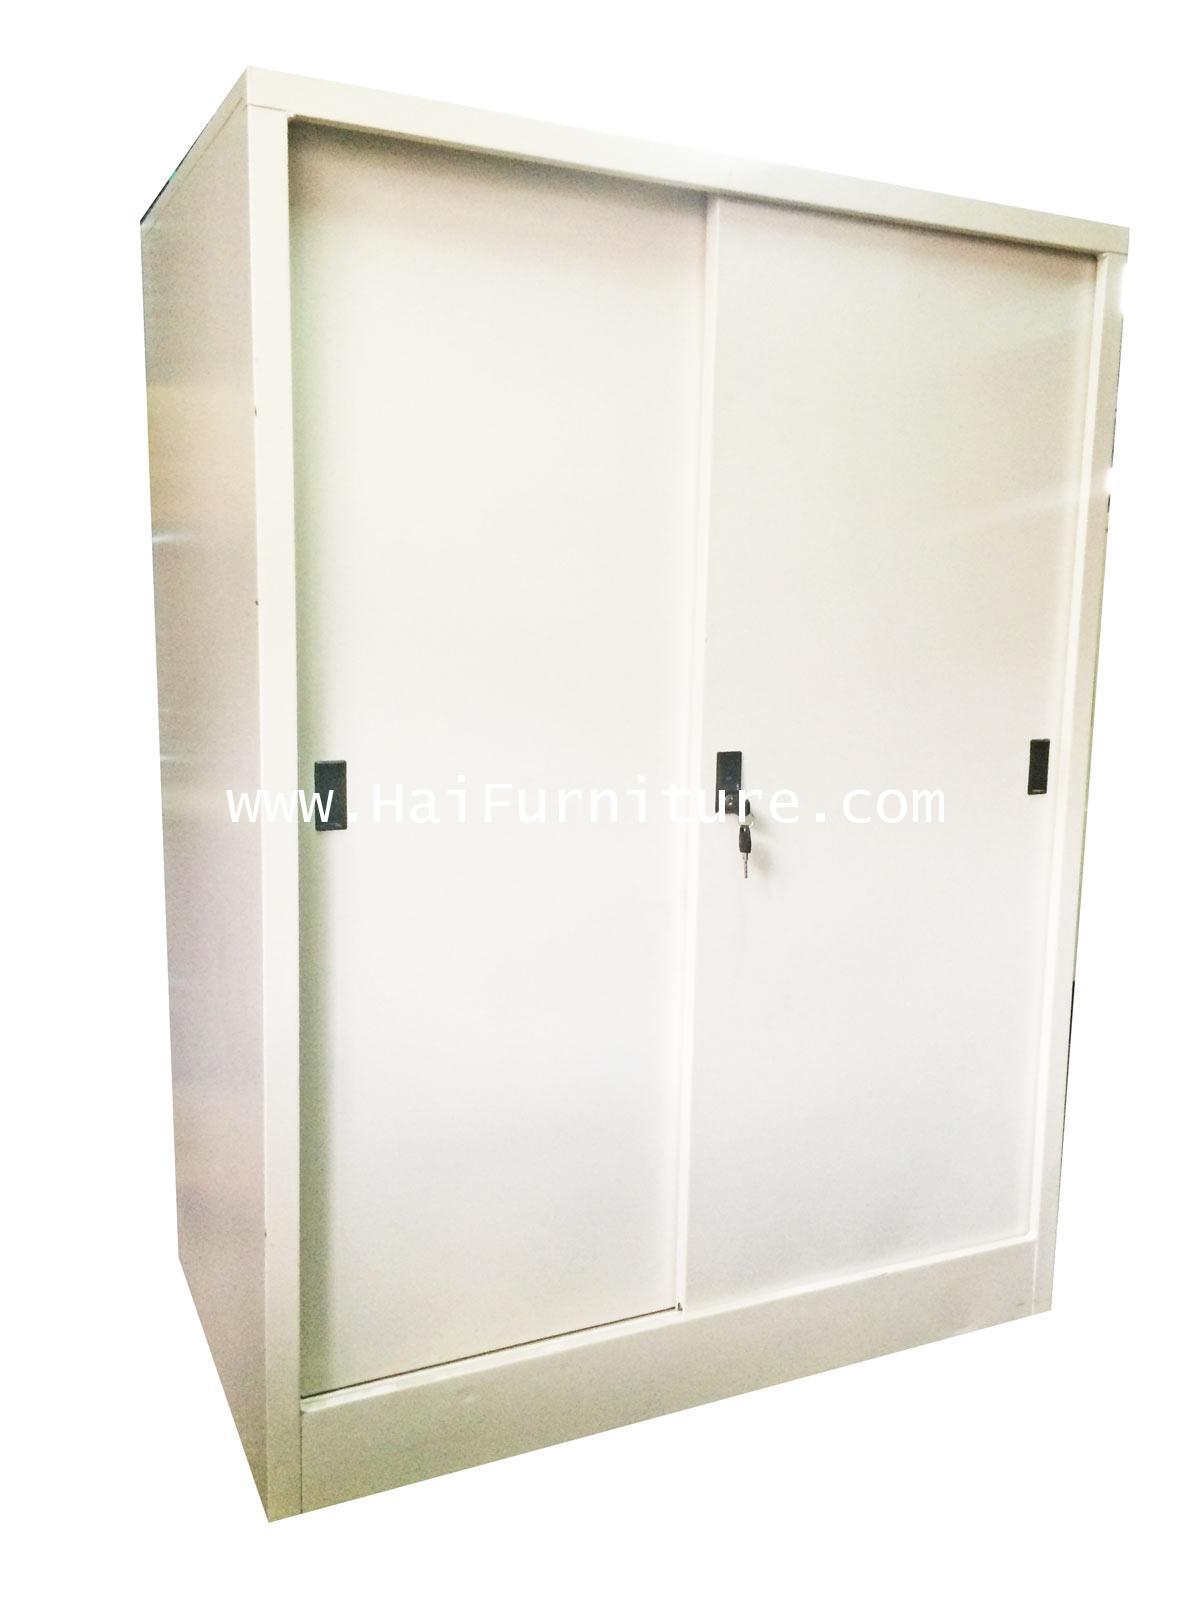 ตู้เสื้อผ้าเหล็กบานเลื่อน ทึบ เตี้ย Grade B 91.5*56*122.5 cm